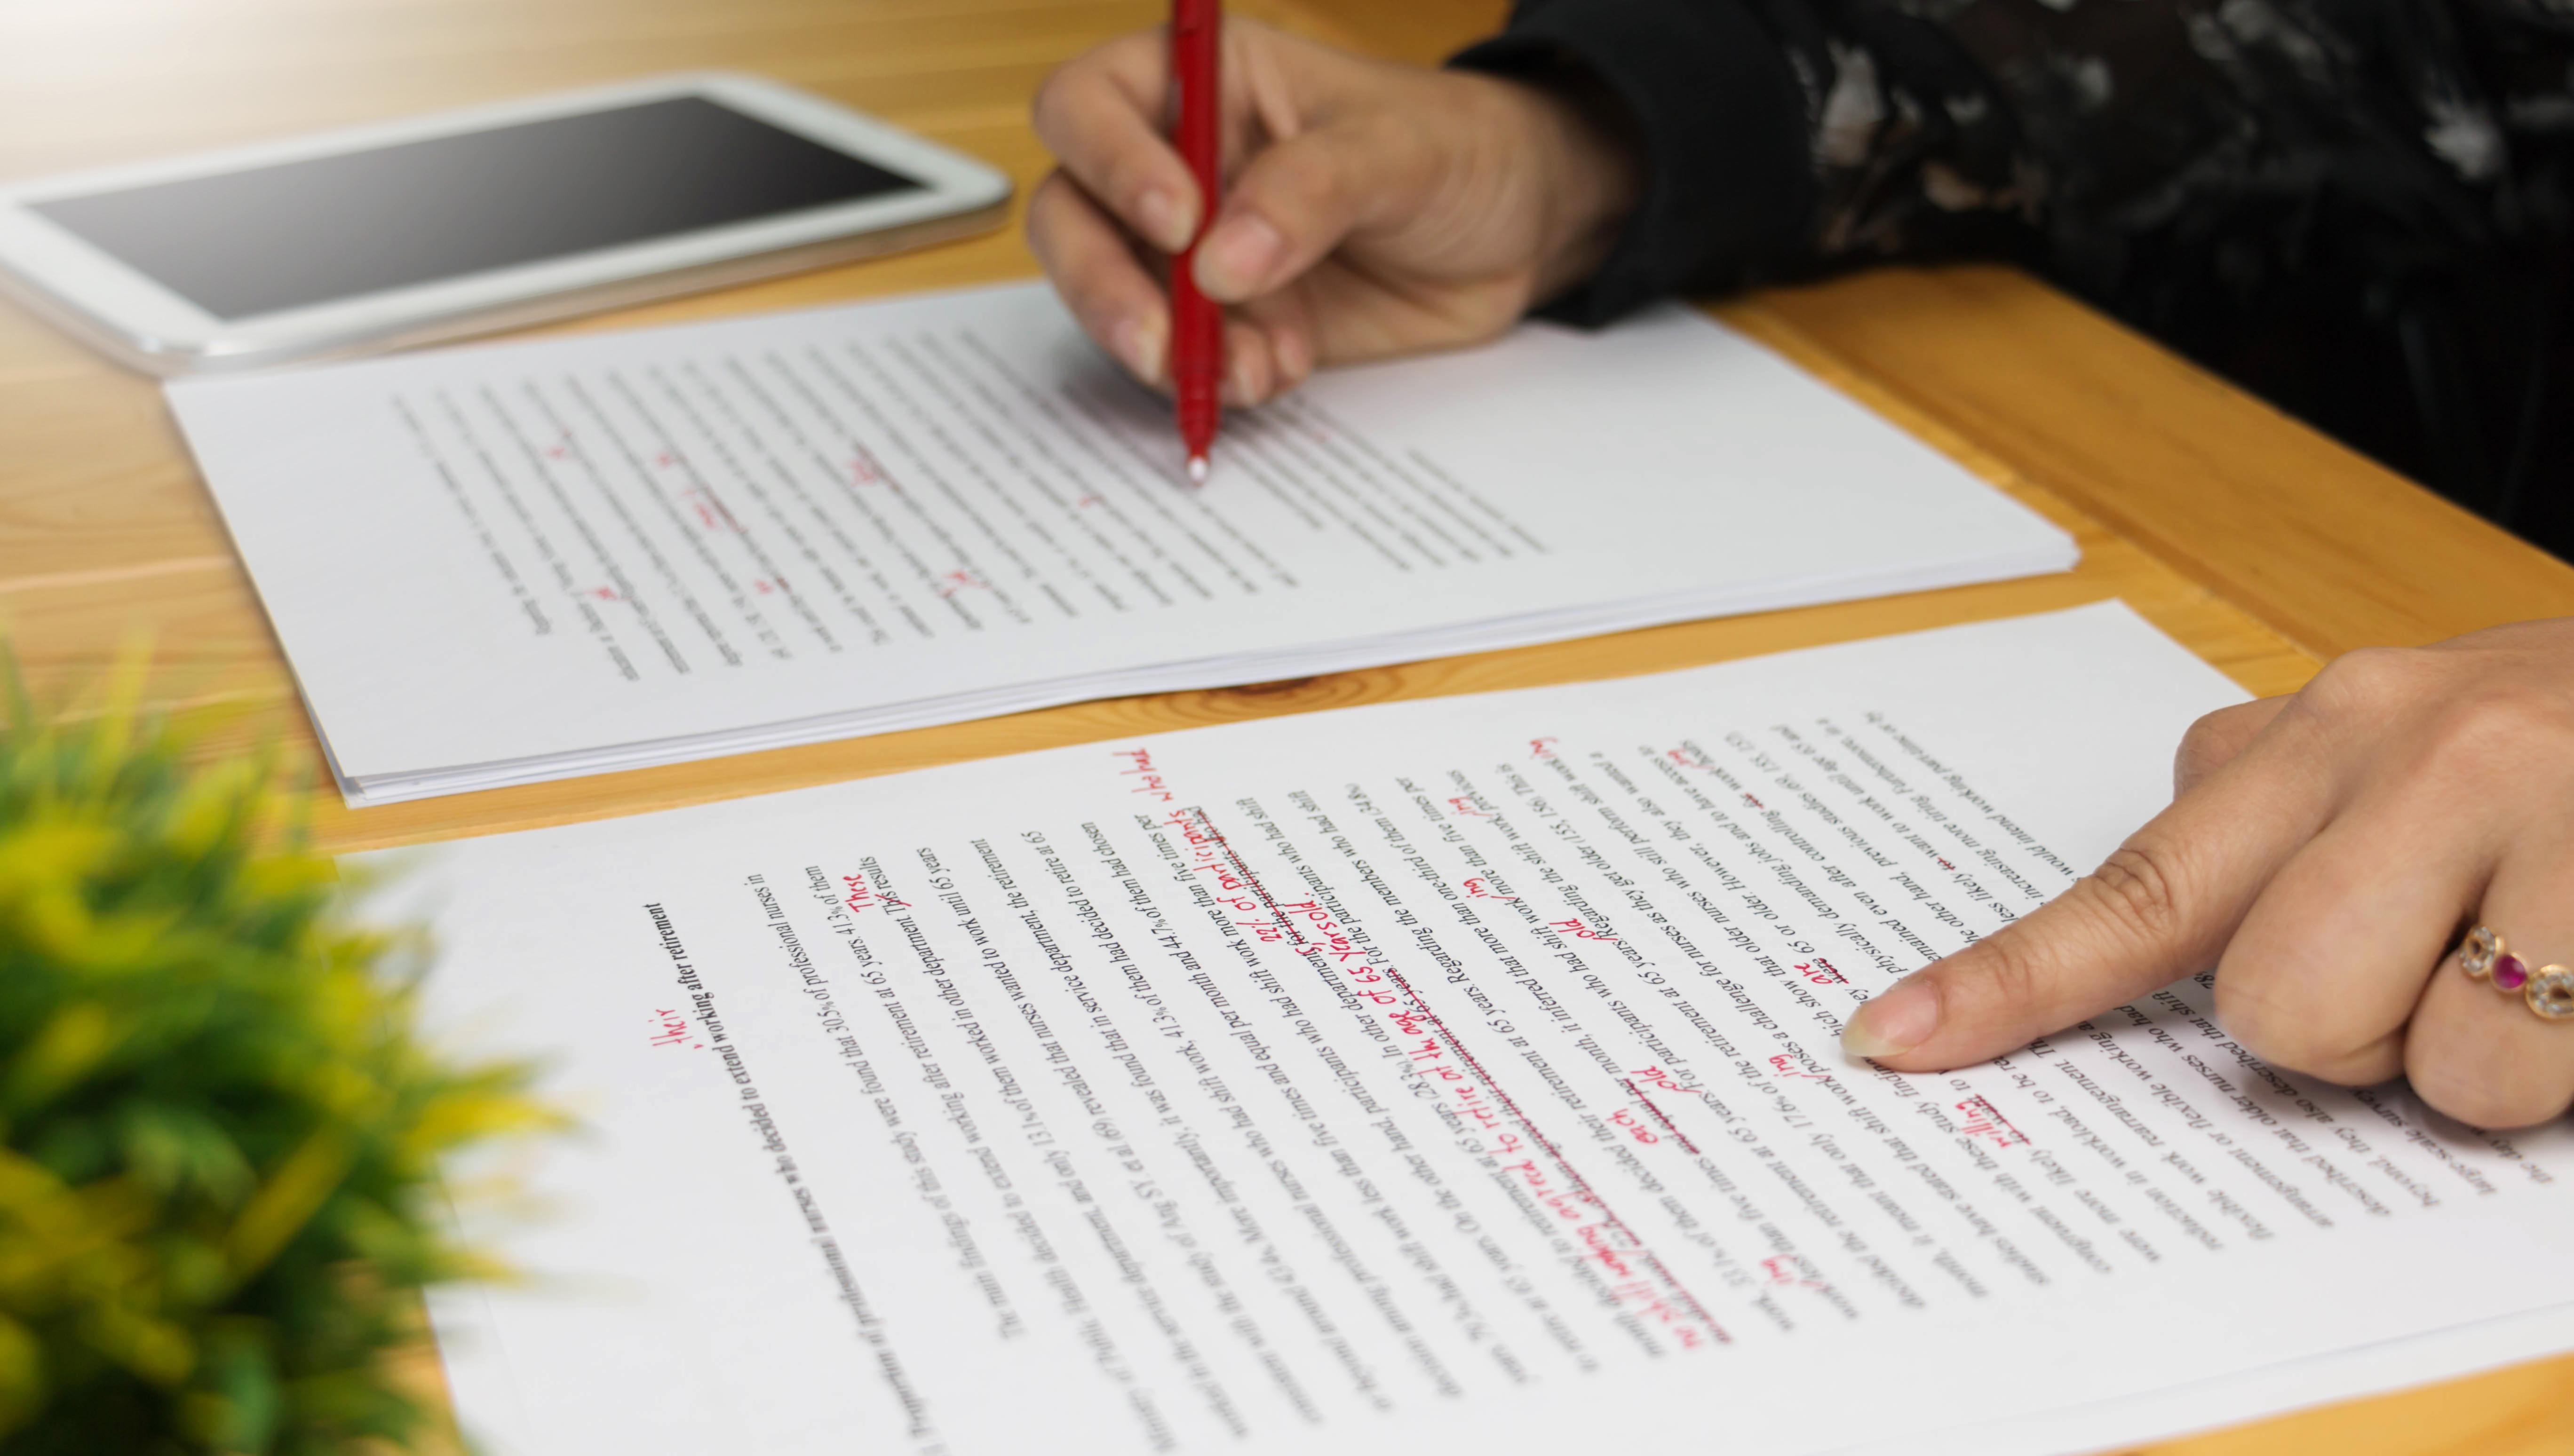 rechtschreibung: regeln für professionelle korrespondenz